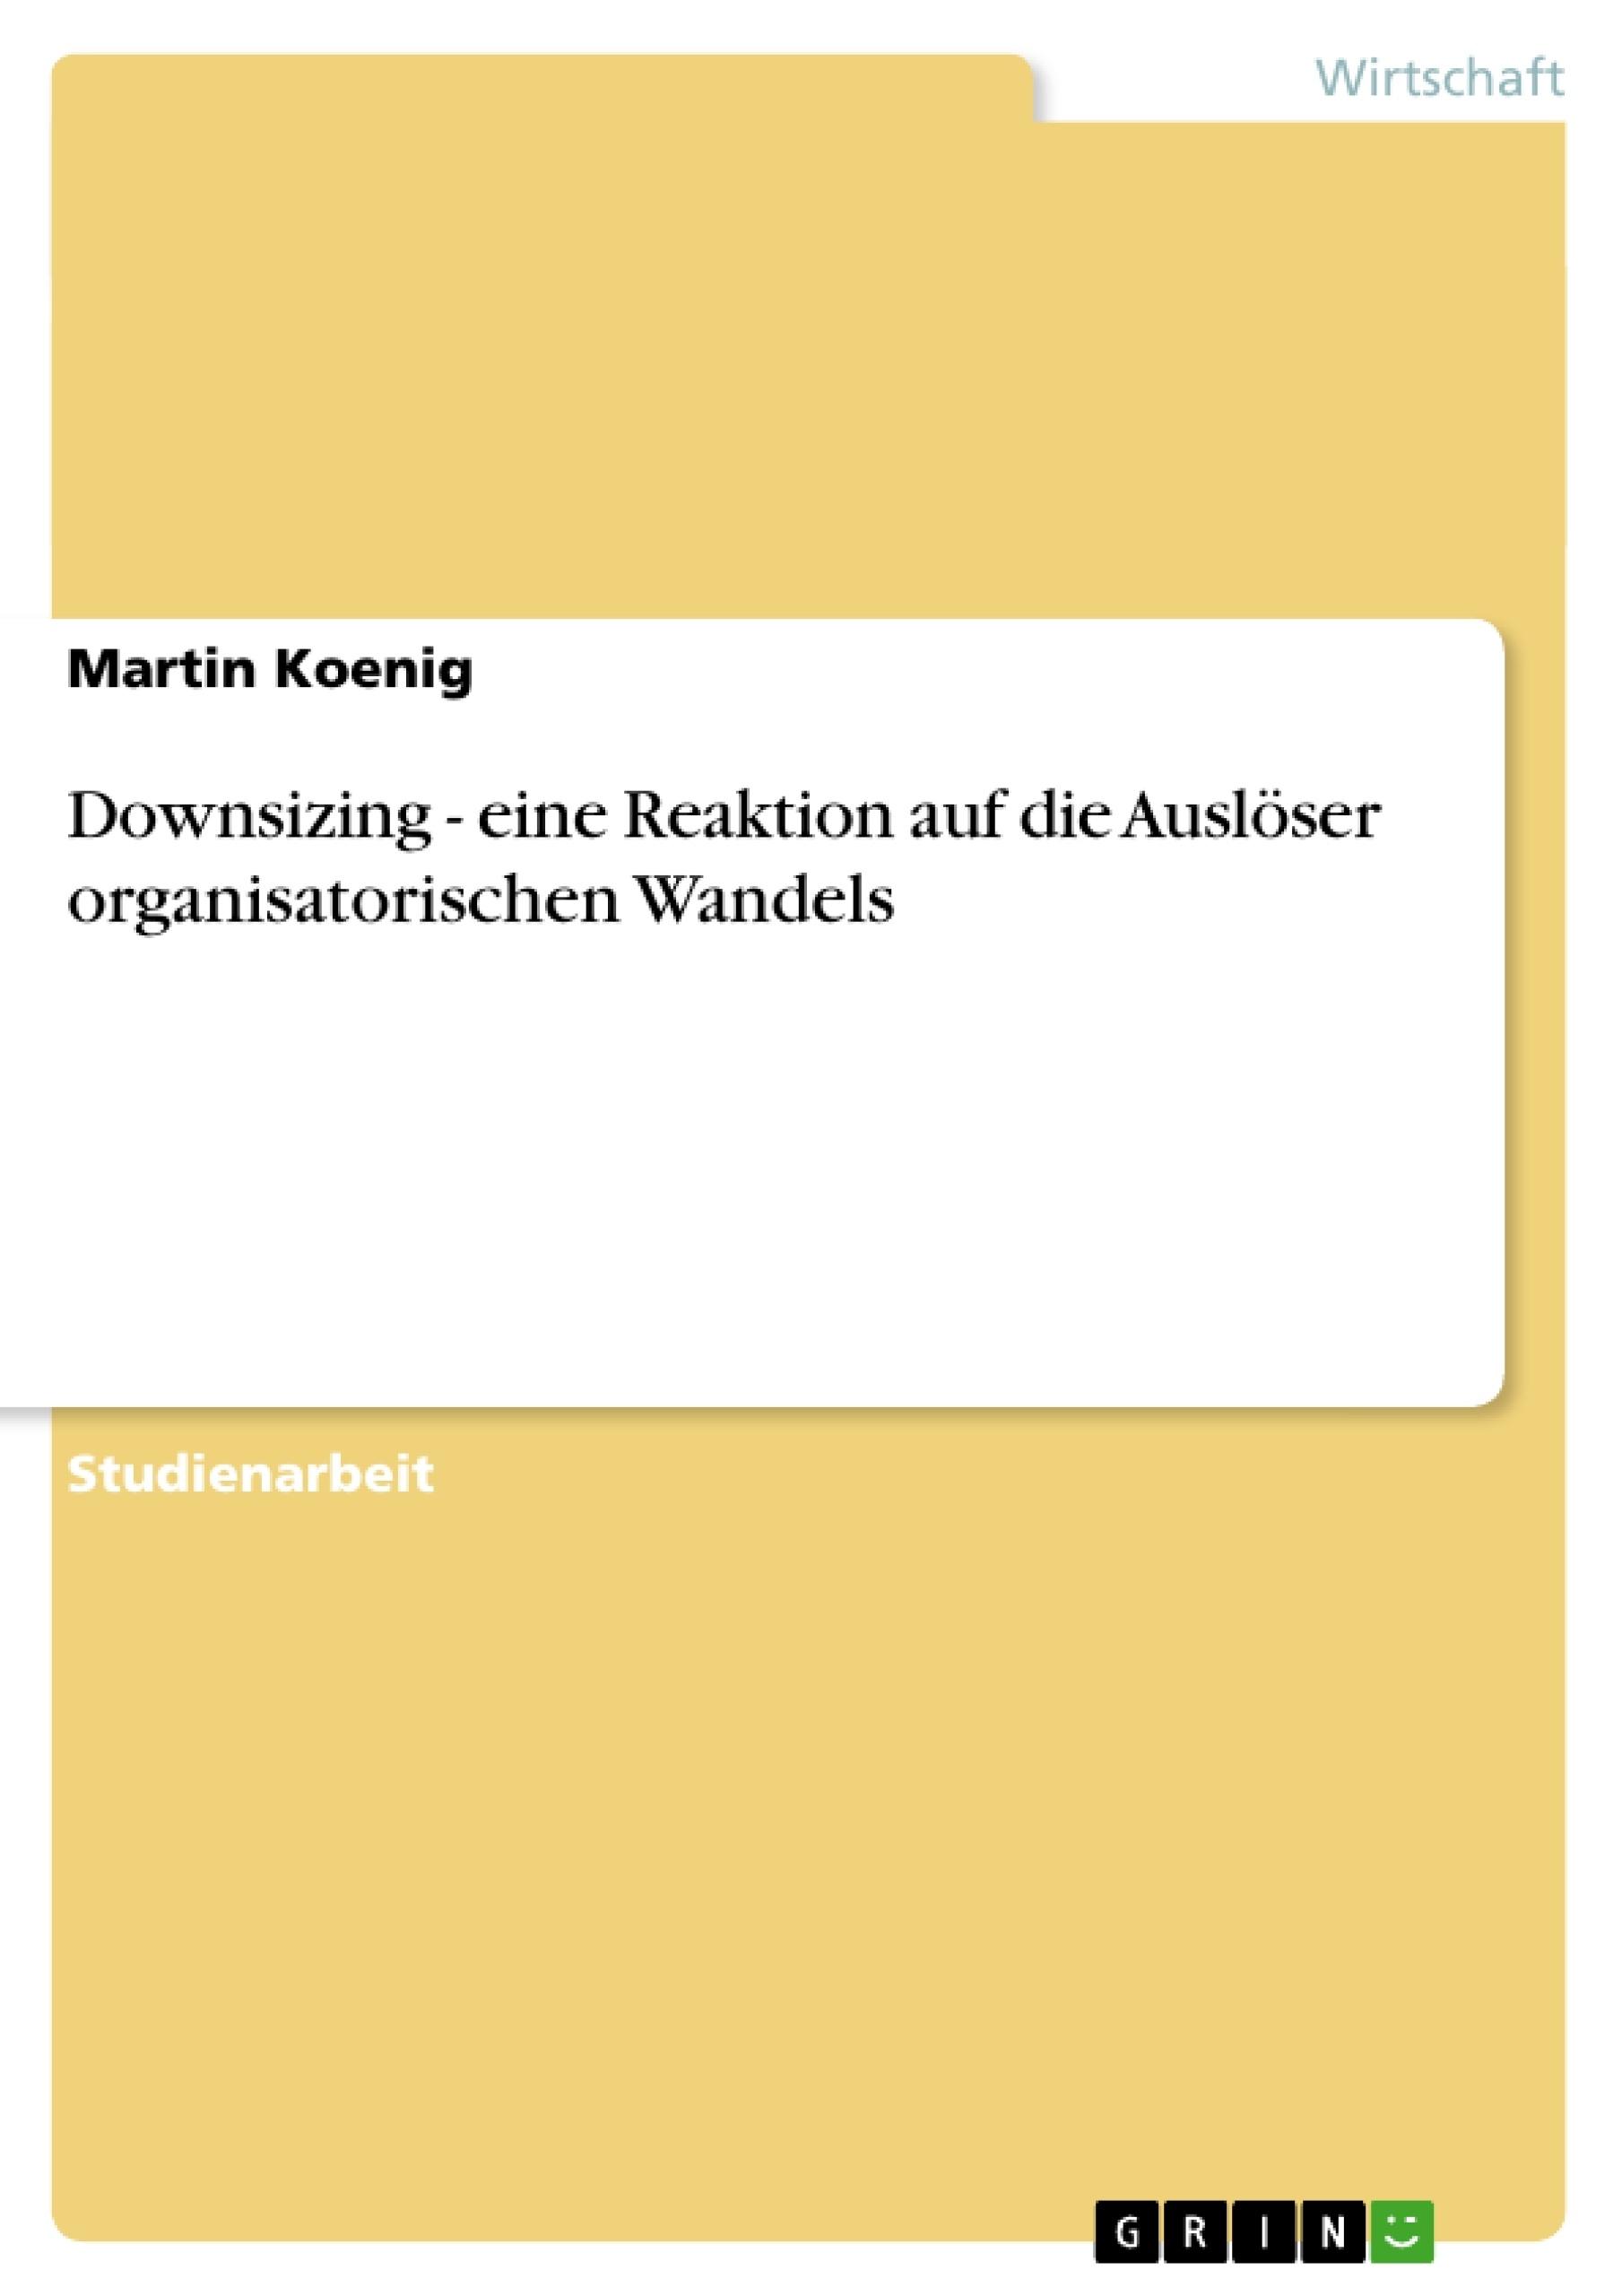 Titel: Downsizing - eine Reaktion auf die Auslöser organisatorischen Wandels